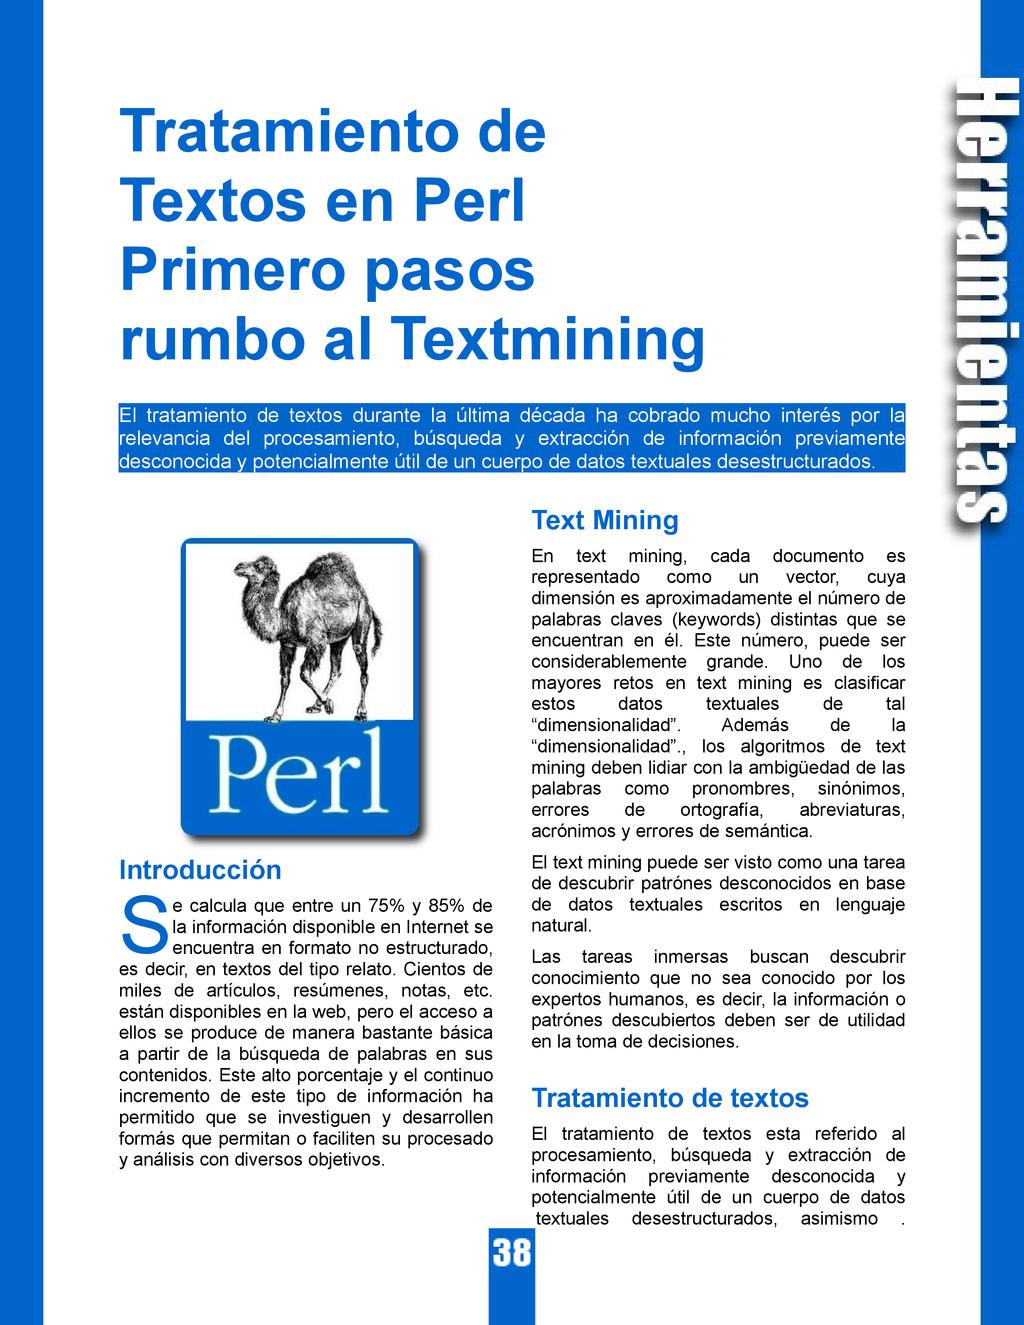 Tratamiento de Textos en Perl Primero pasos rum...